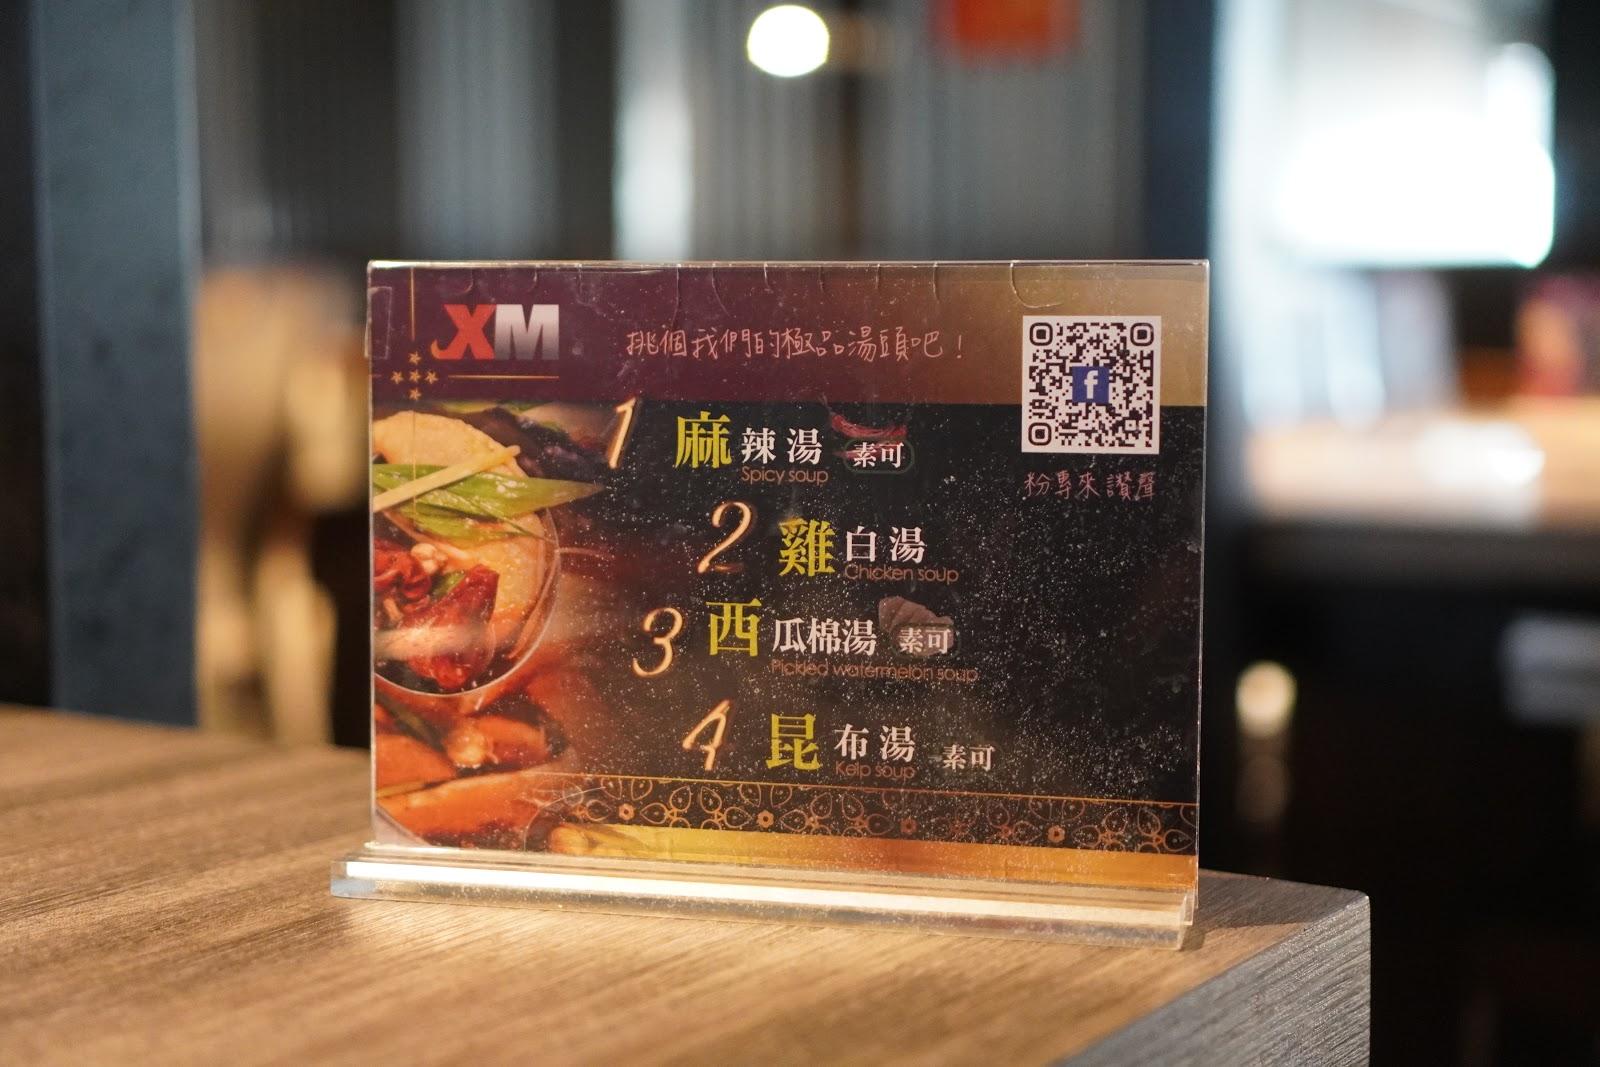 台南東區美食【XM麻辣鍋德安店】菜單湯底